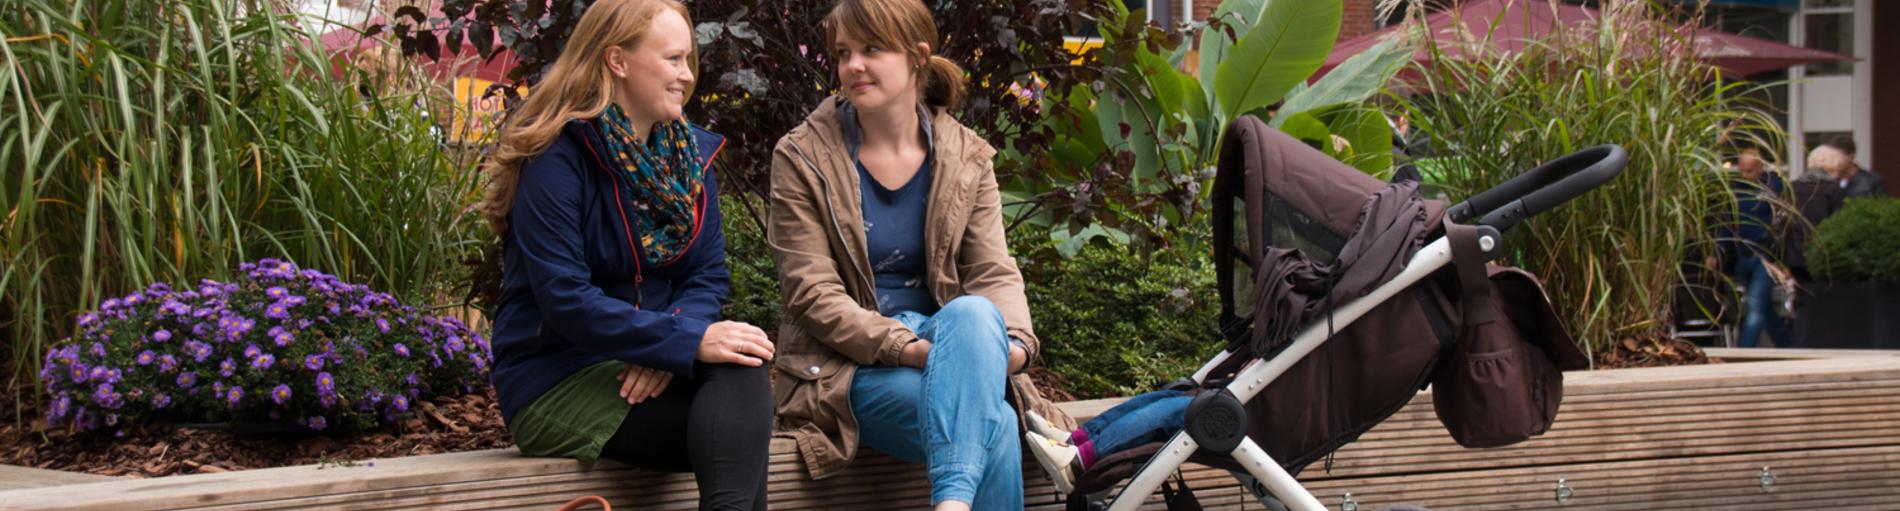 Zwei Frauen sitzen am Ansgarikirchhof und unterhalten sich, neben sich ein Kinderwagen.